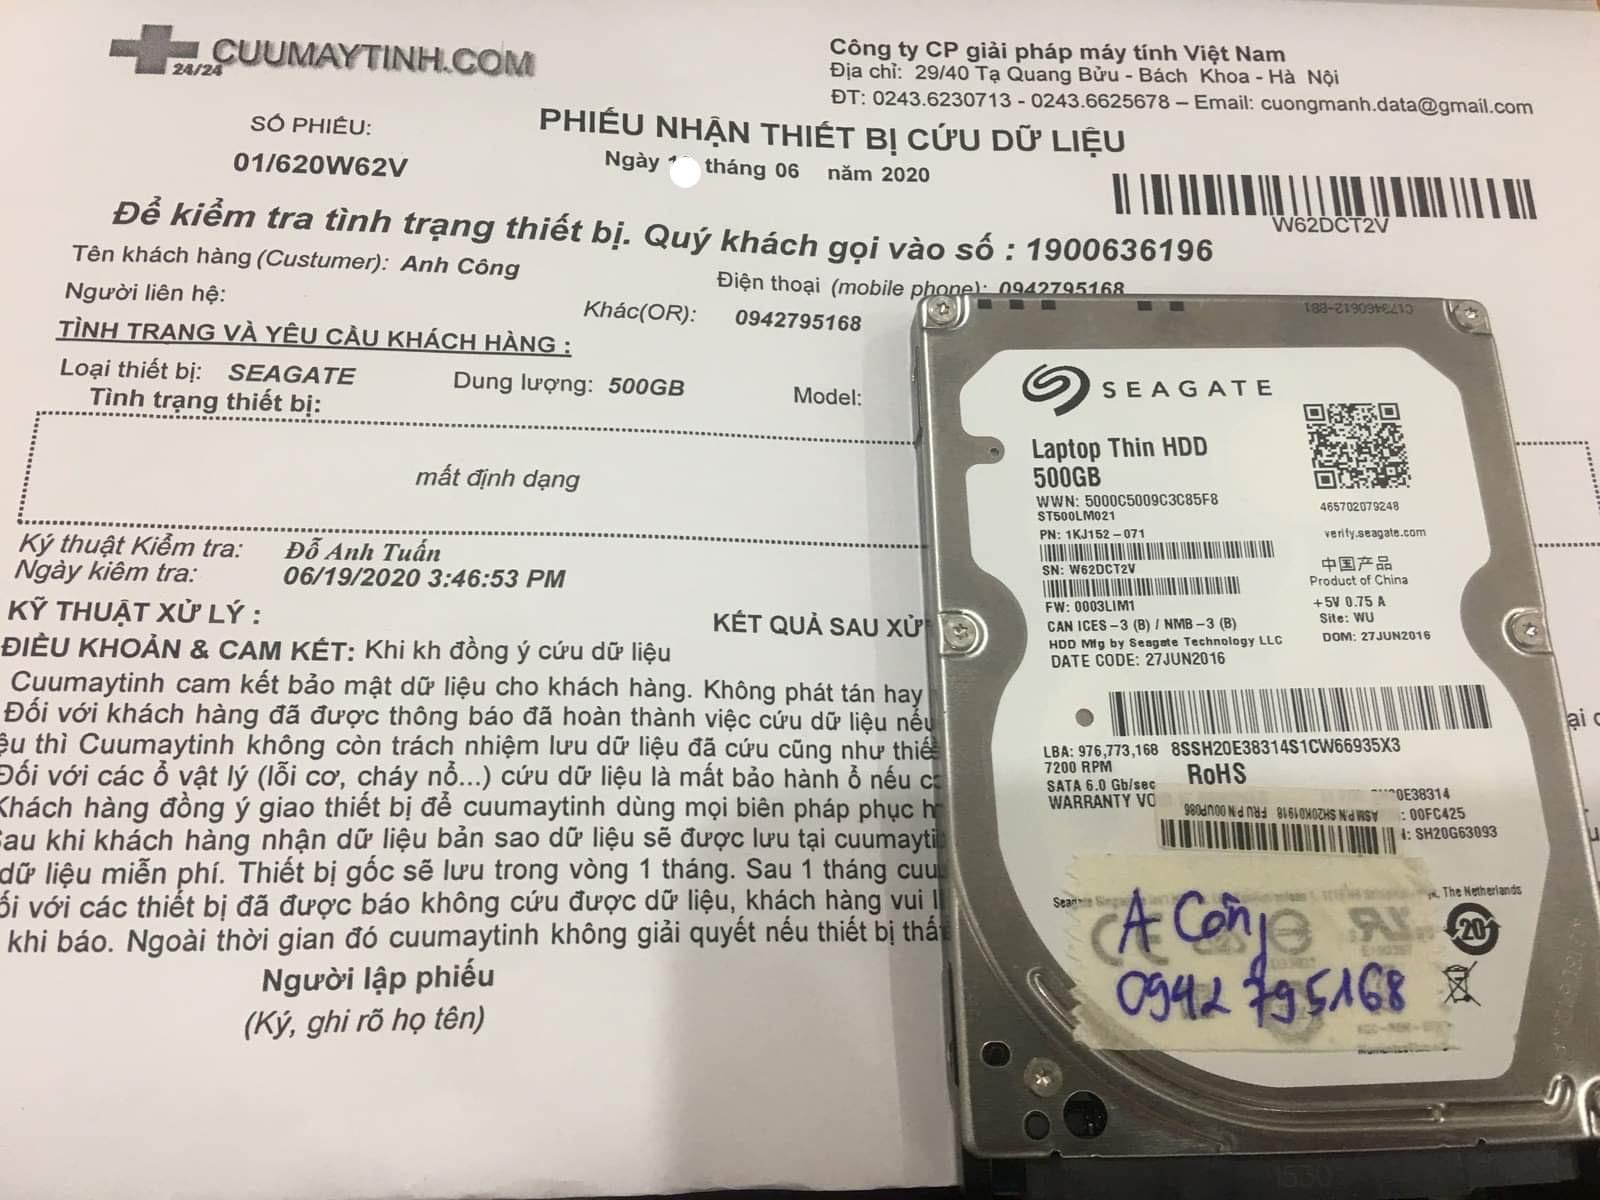 Phục hồi dữ liệu ổ cứng Seagate 500GB mất định dạng 22/06/2020 - cuumaytinh